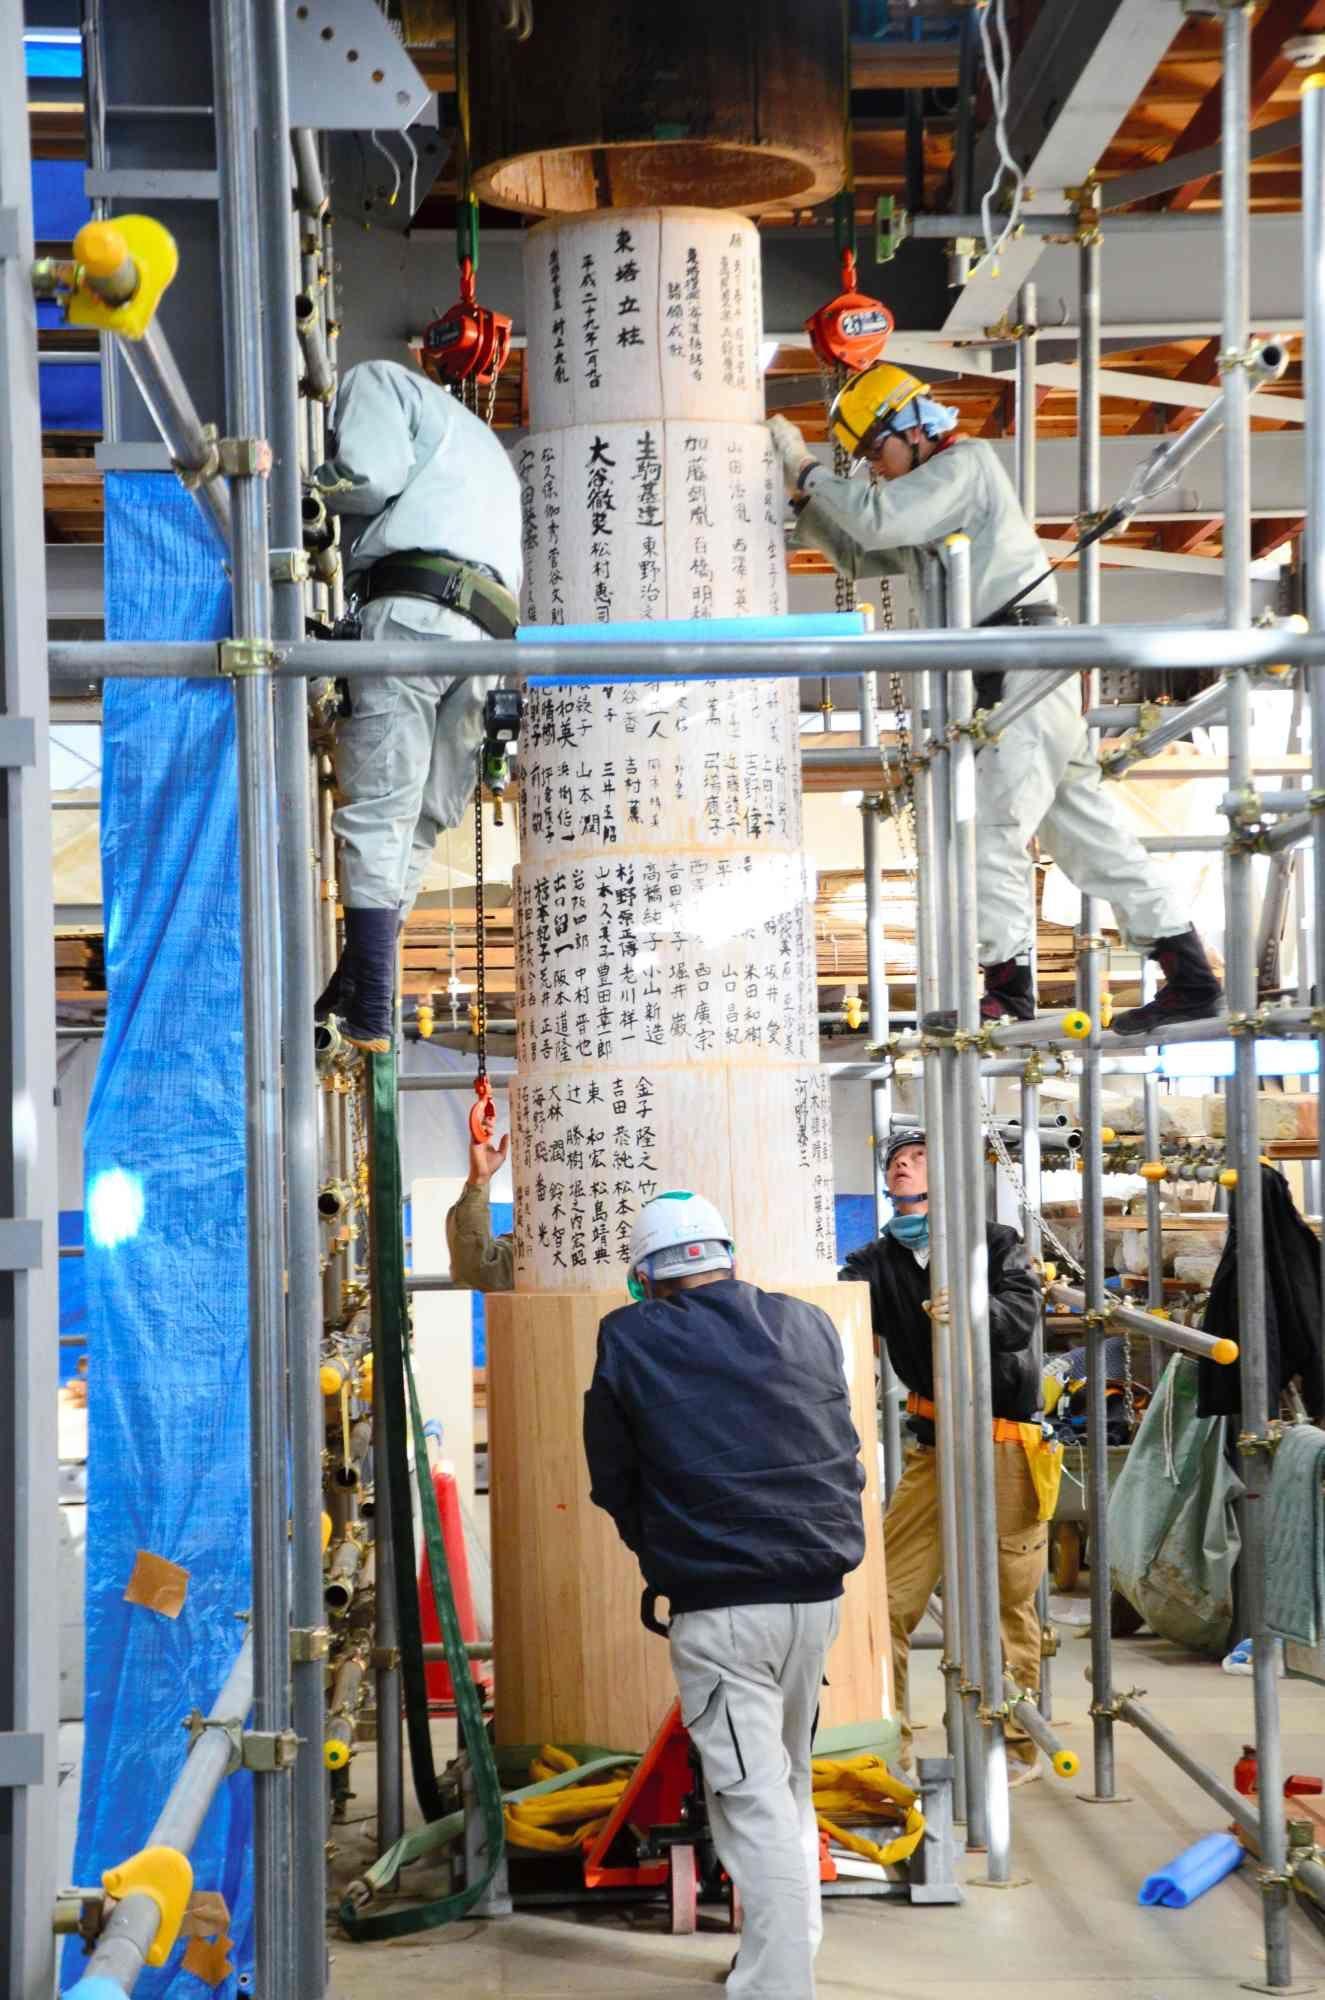 心柱の空洞には 根継ぎ材 が挿入され 寺や工事の関係者が署名した 2016年11月29日 21 31 薬師寺東塔の解体修理 朝日新聞デジタル 修理 解体 工事